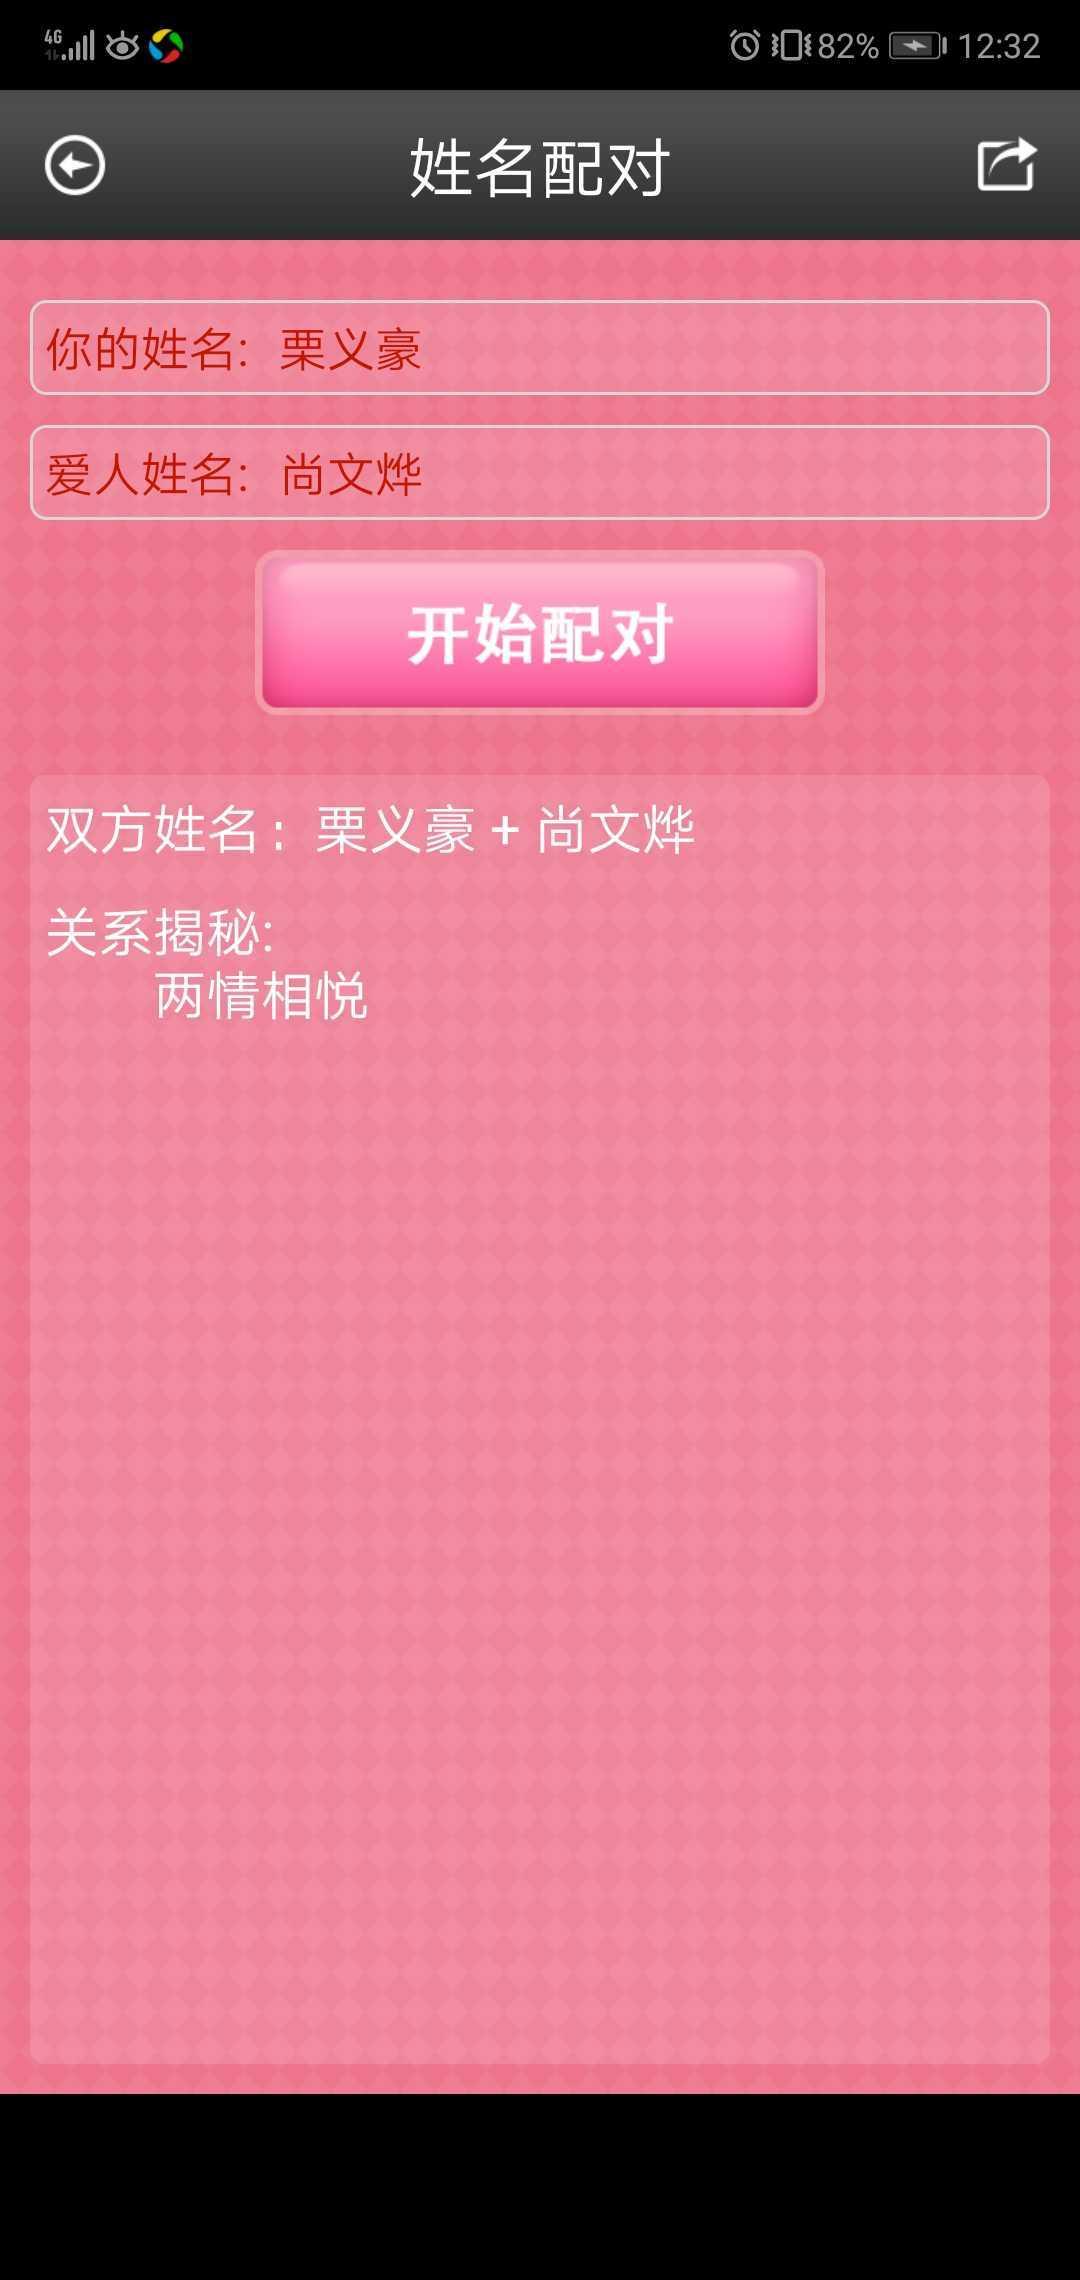 http://sucai.58100.com/data/upload/images/201912/157764130992204.jpg